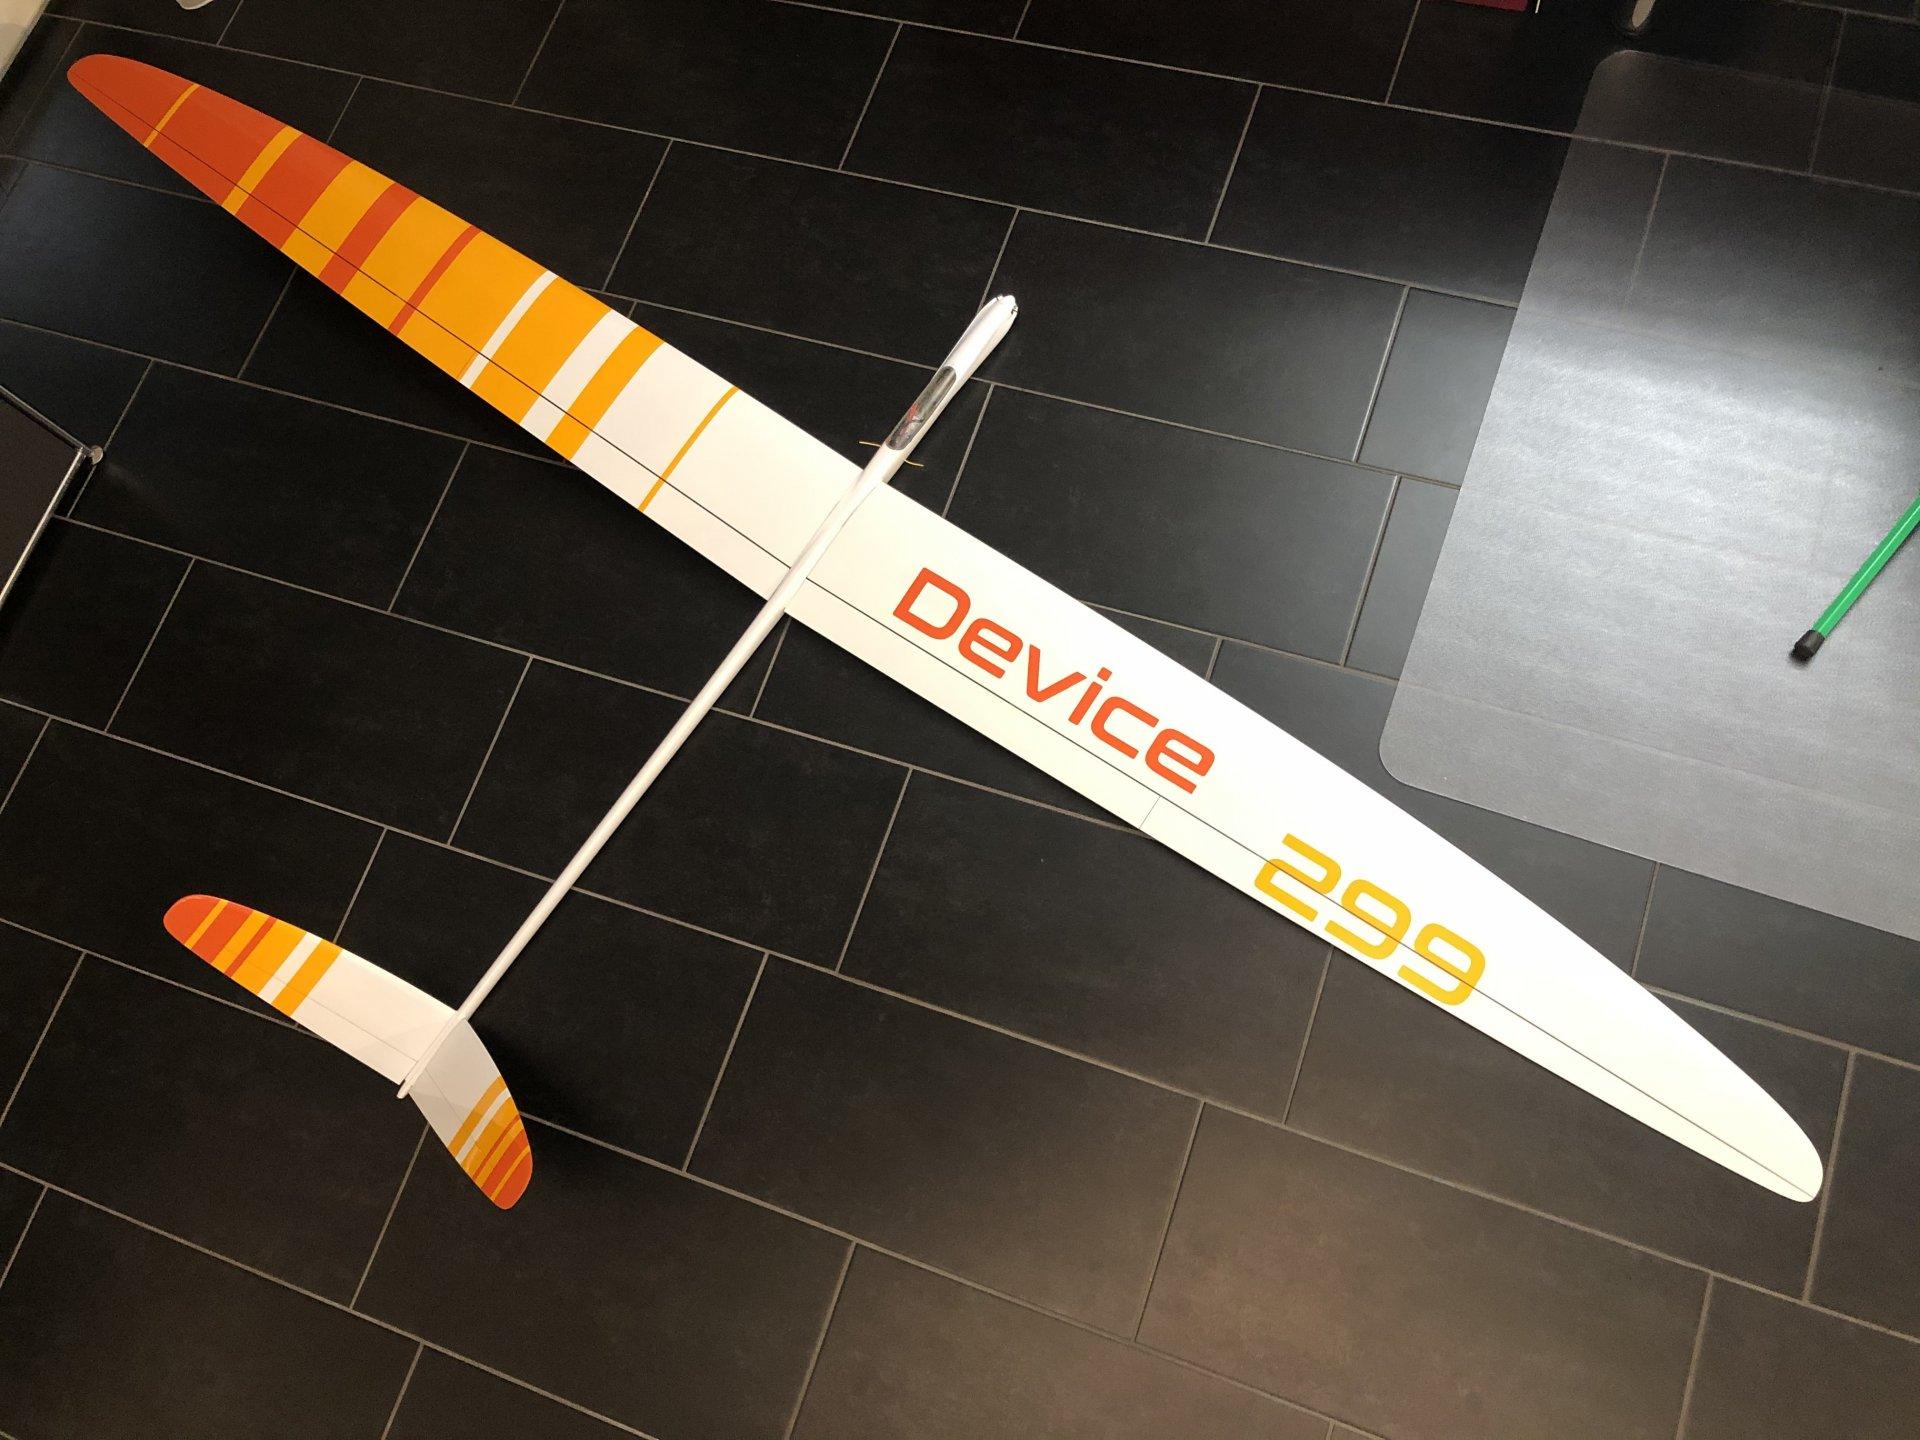 F8DCBCBA-72A1-4FA3-9DBF-3A191C1ED26B[2424].jpg